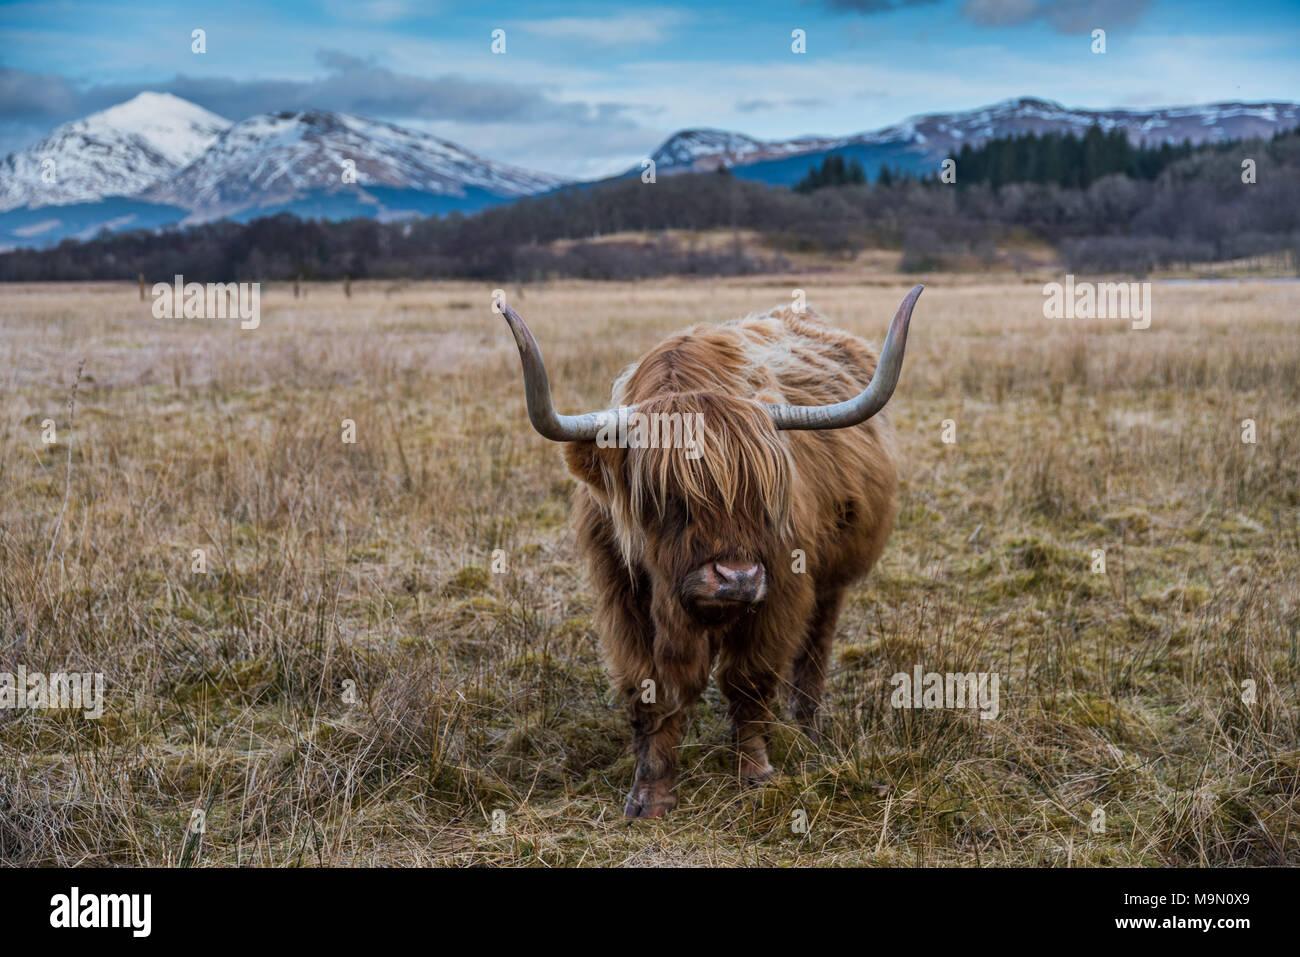 Vache Highland dans paysage de montagnes en Ecosse Photo Stock